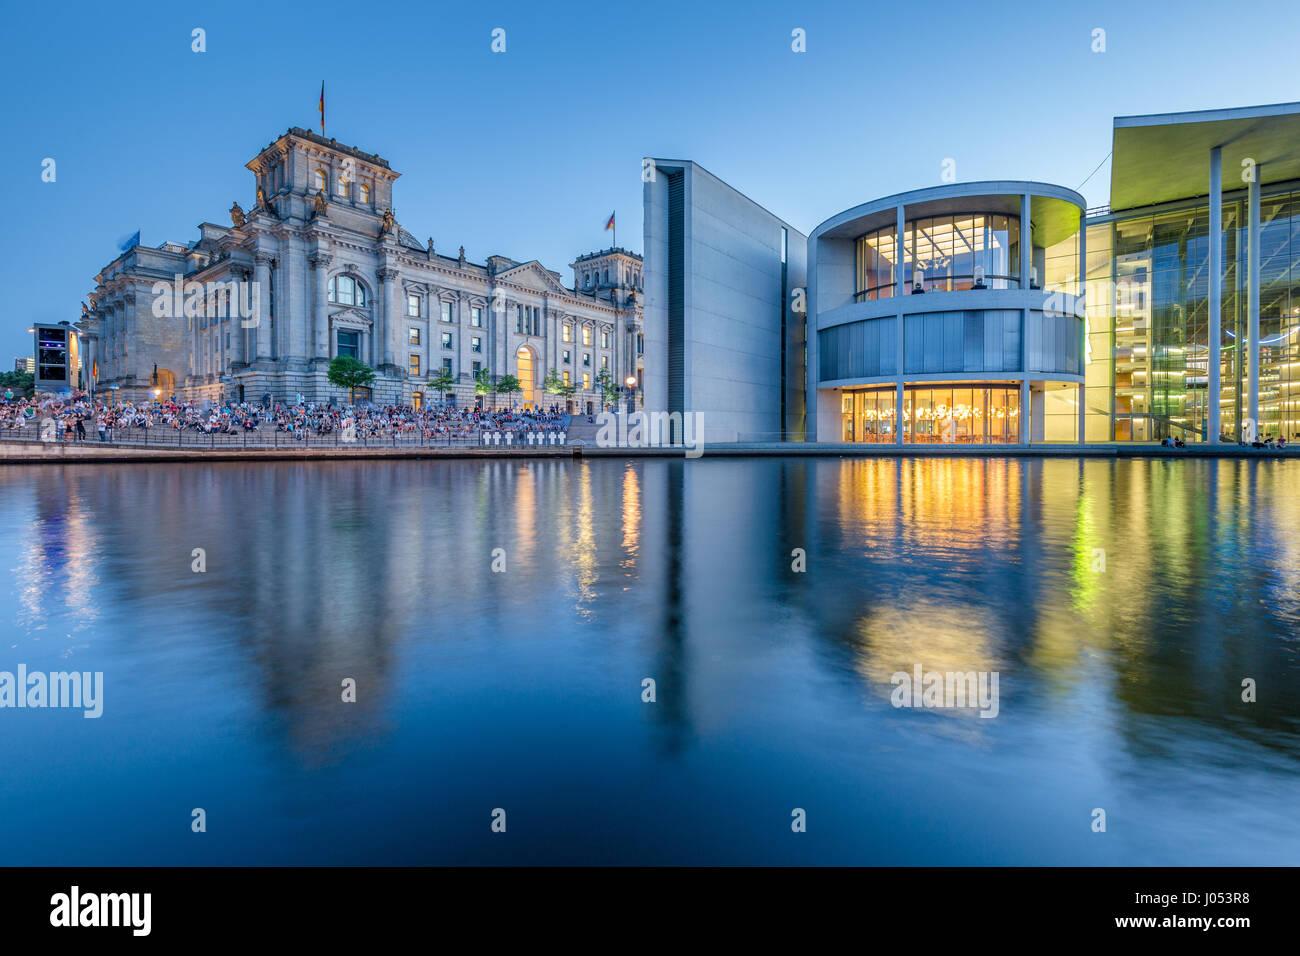 Vue panoramique du quartier du gouvernement de Berlin moderne avec le célèbre palais du Reichstag et illuminé Photo Stock